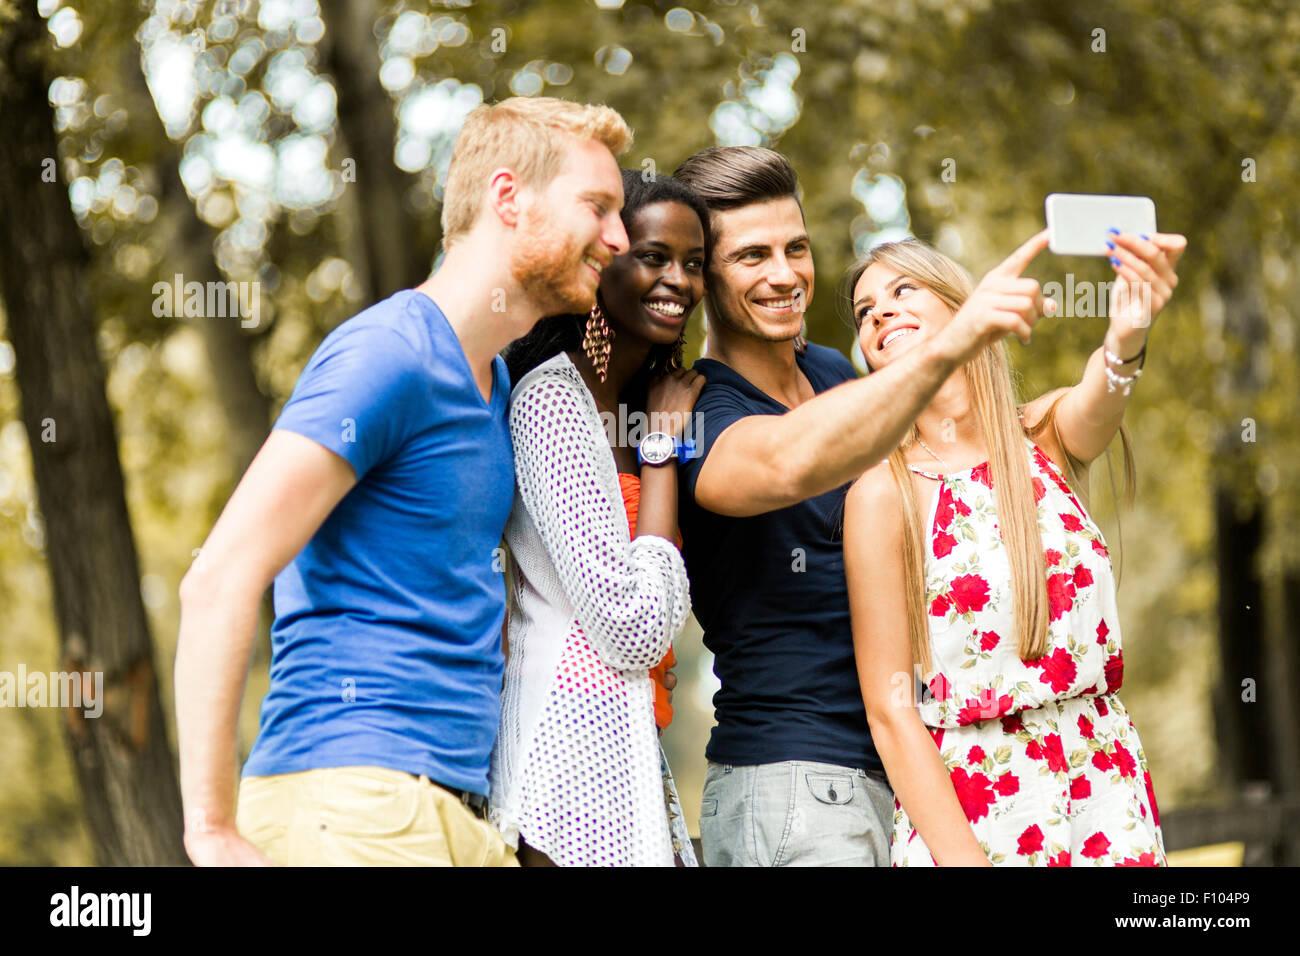 Gruppe von jungen Menschen und Paare unter Selfies in der Natur und lächelnd Stockbild